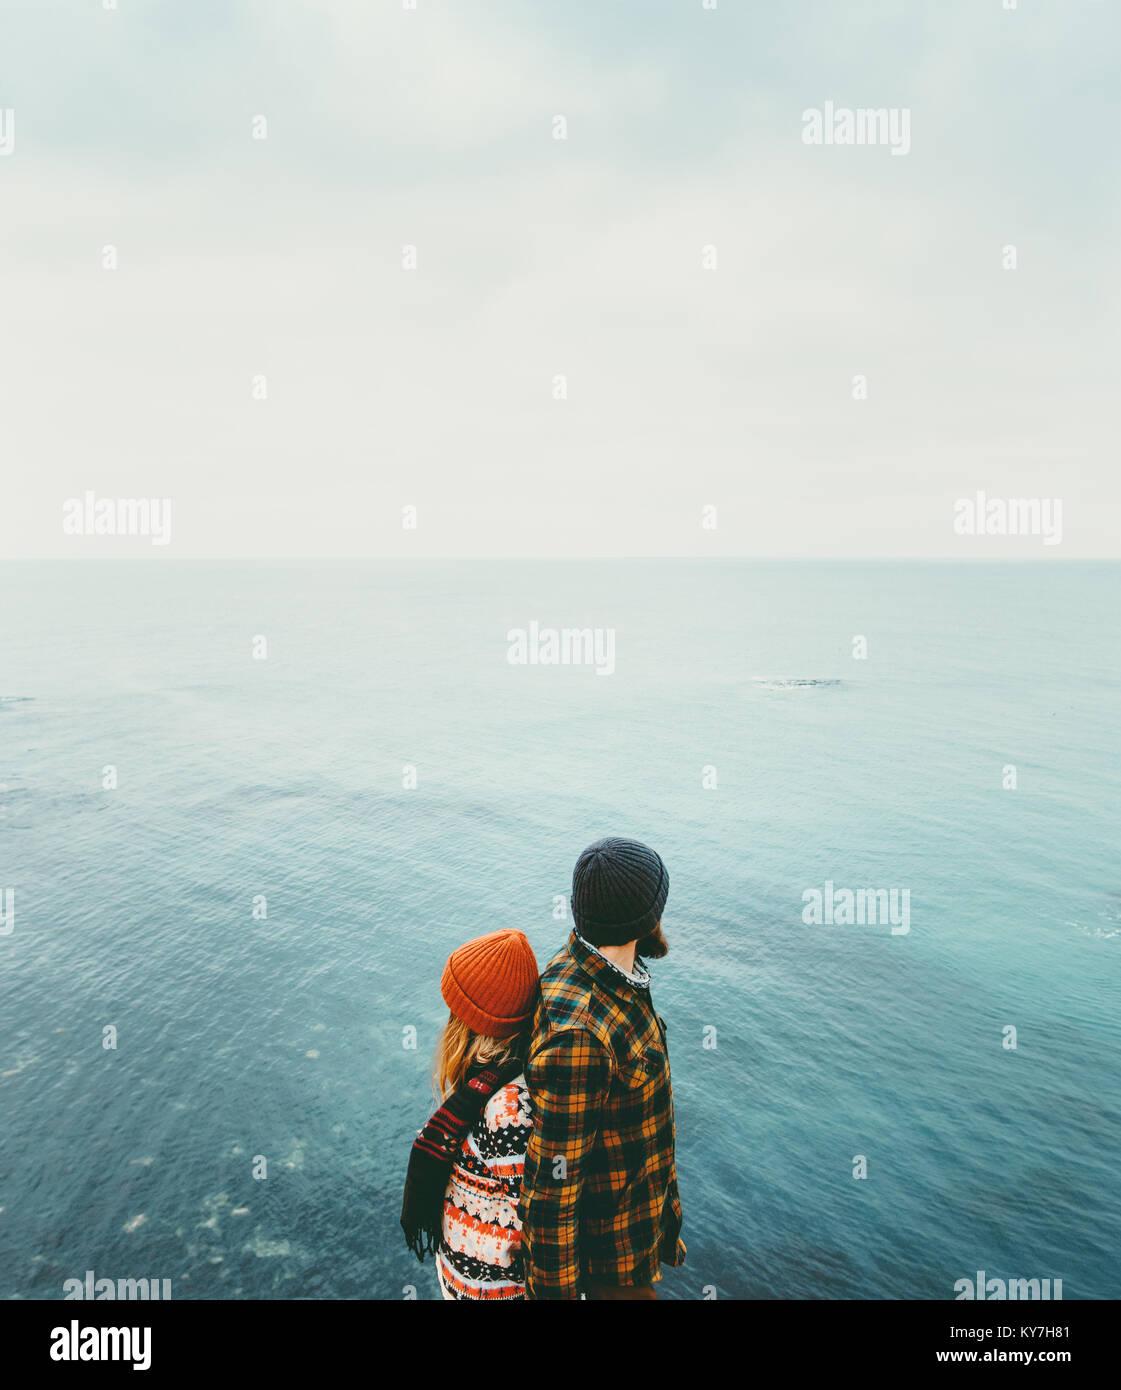 Paar in der Liebe Mann und Frau Rücken an Rücken stehend über dem Meer zusammen Reisen glücklich Emotionen Lifestyle Stockfoto